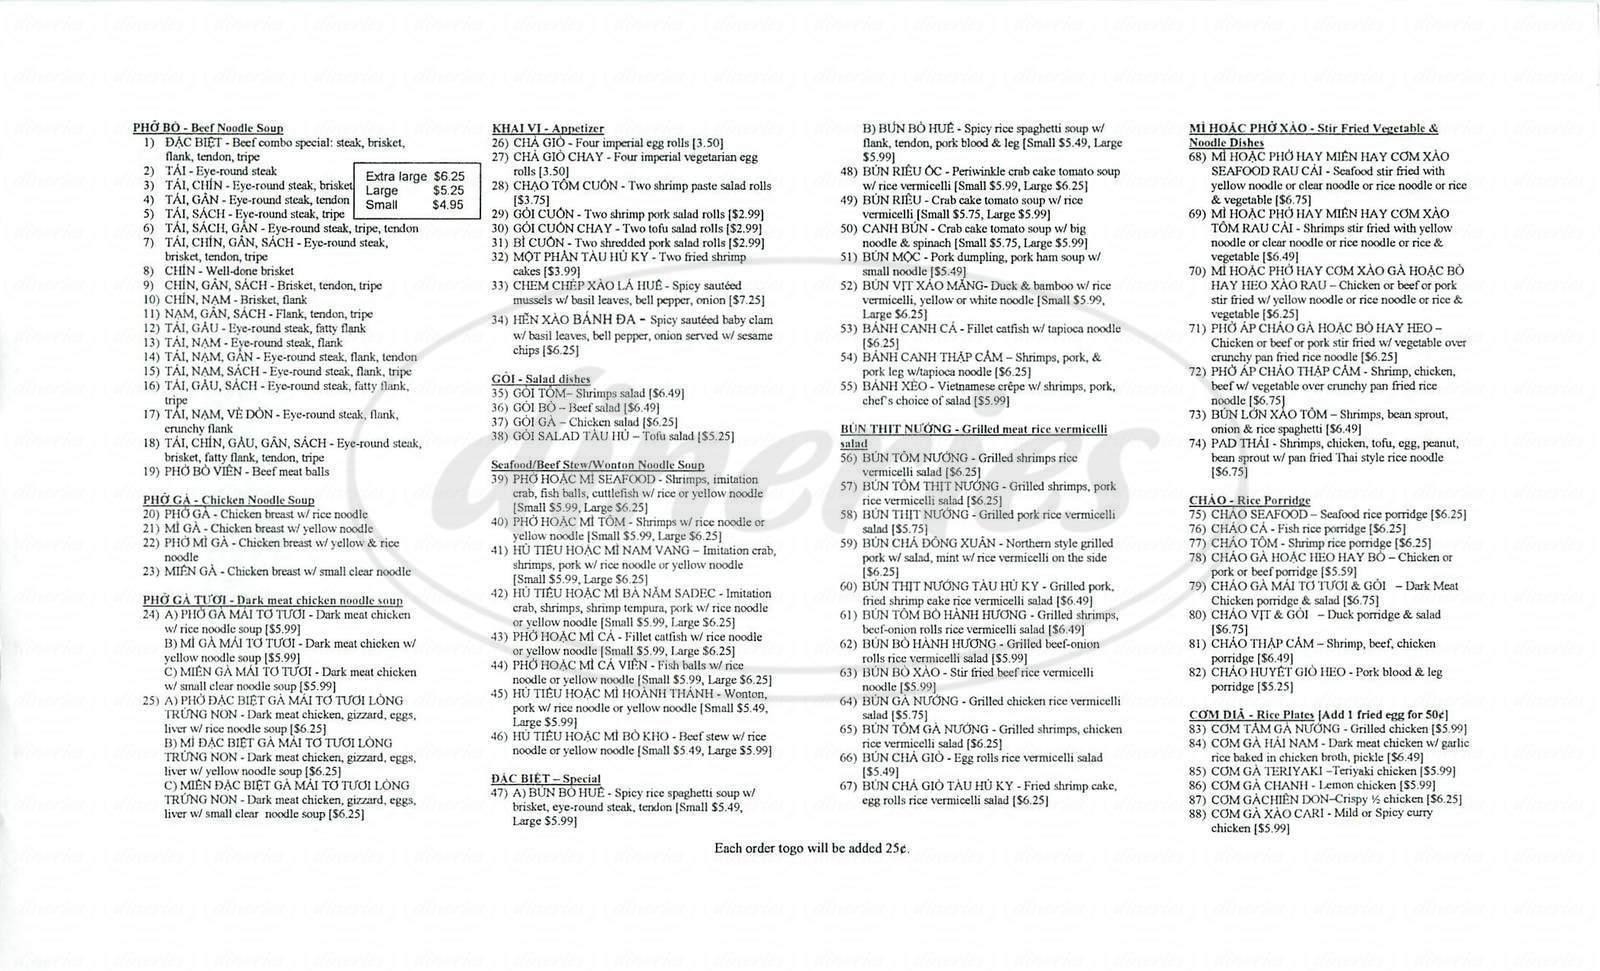 menu for Pho Mai #1